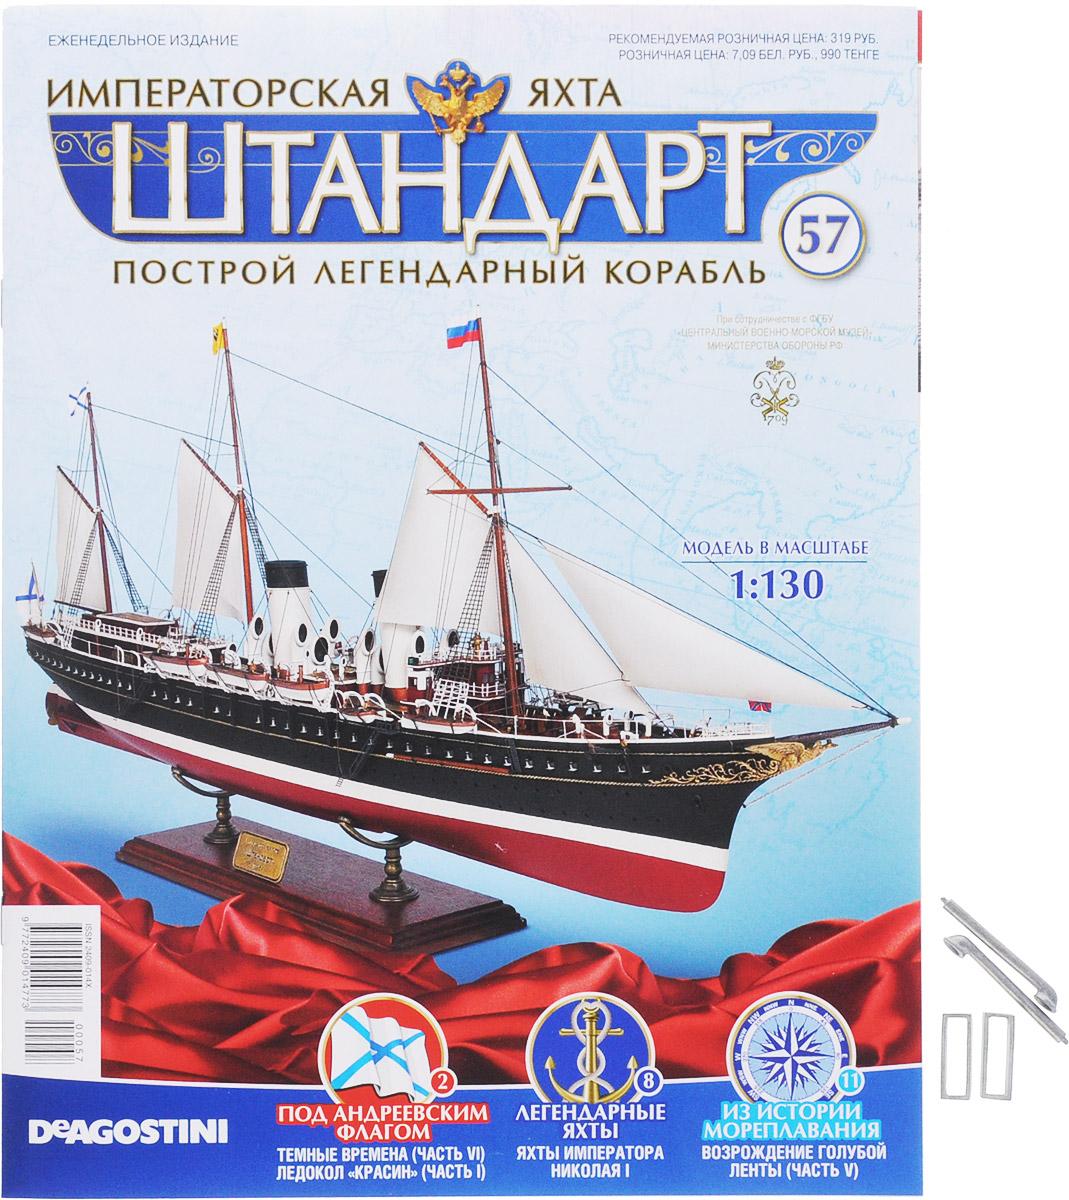 Журнал Императорская яхтаШТАНДАРТ №57